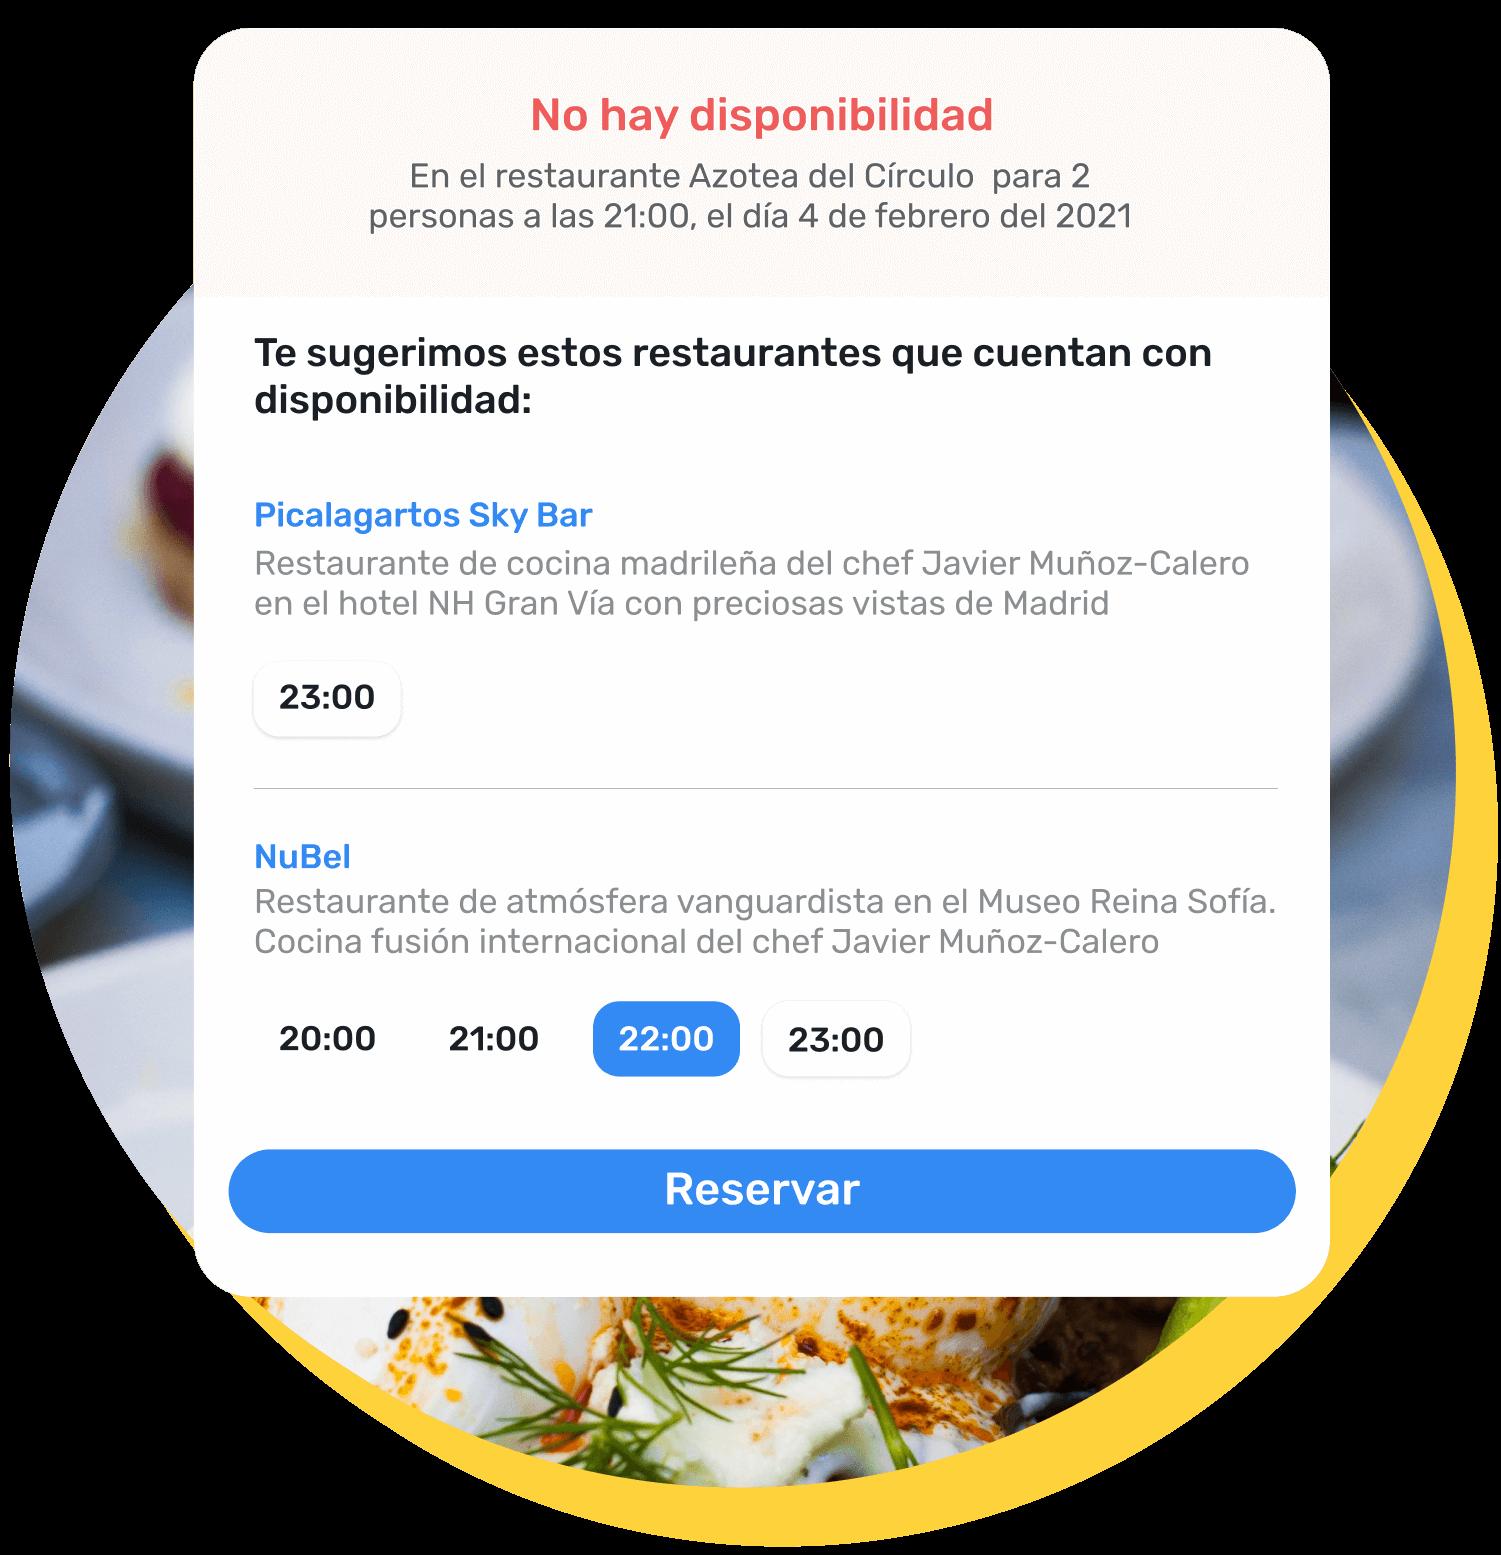 Ejemplo de la ventana de sugerencias que salta al cliente cuando no hay disponibilidad en el restaurante seleccionado para su reserva. El sistema le recomienda otros restaurantes donde sí hay disponibilidad, por ejemplo en el restaurante NuBel.